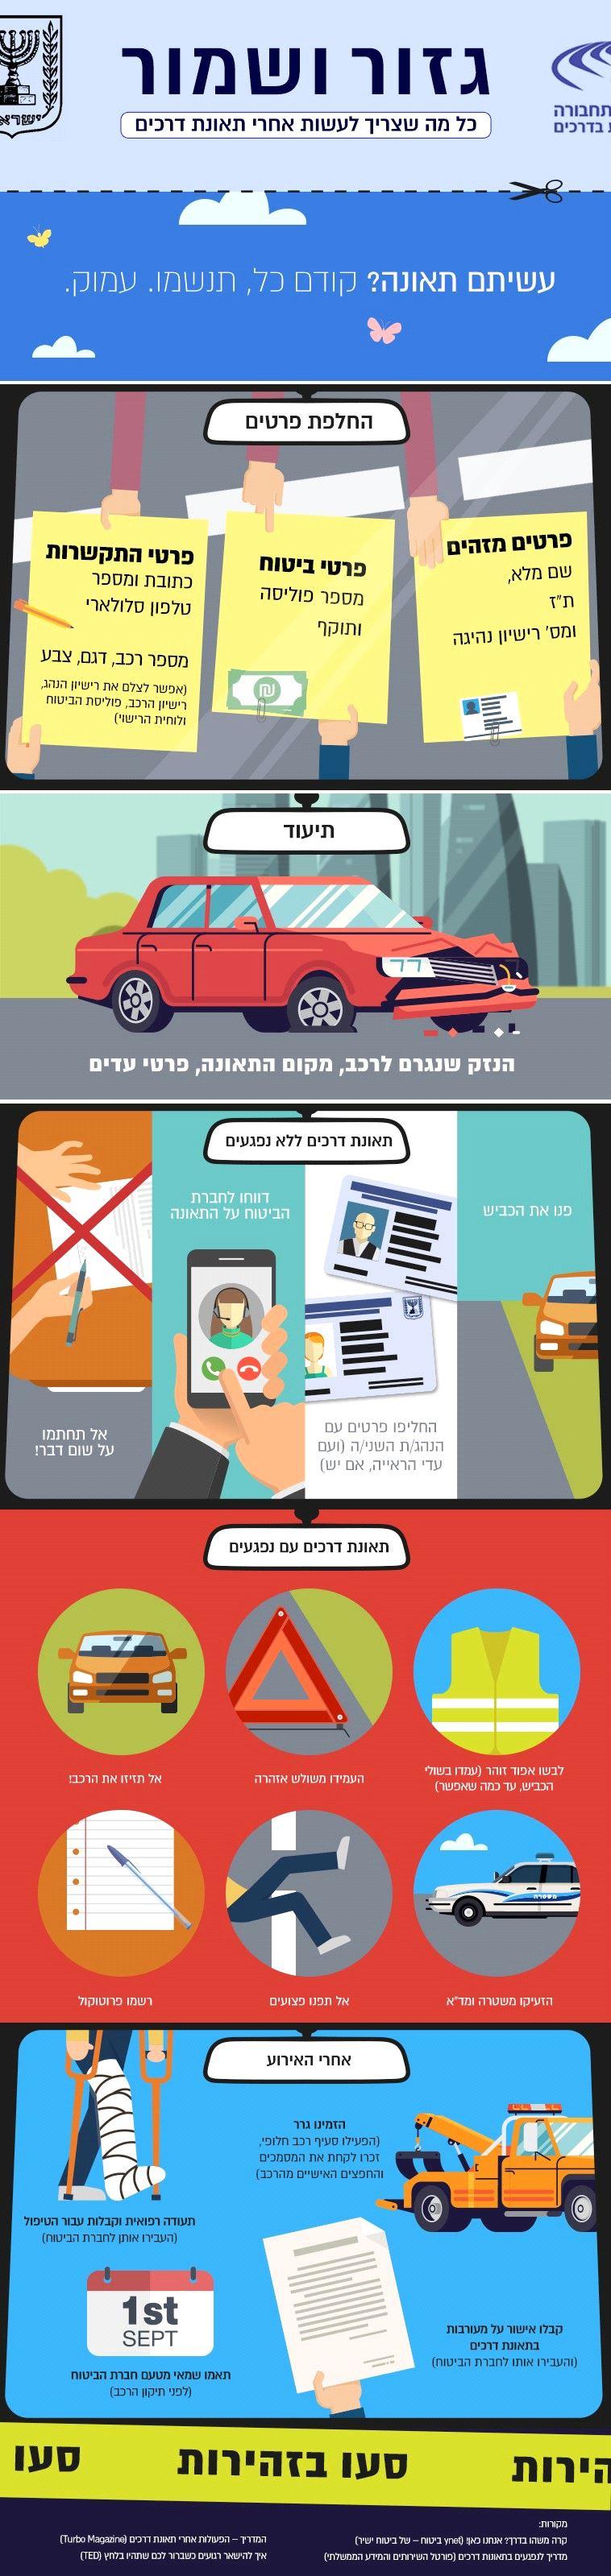 אינפוגרפיקה: כך תפעלו מיד לאחר תאונת דרכים